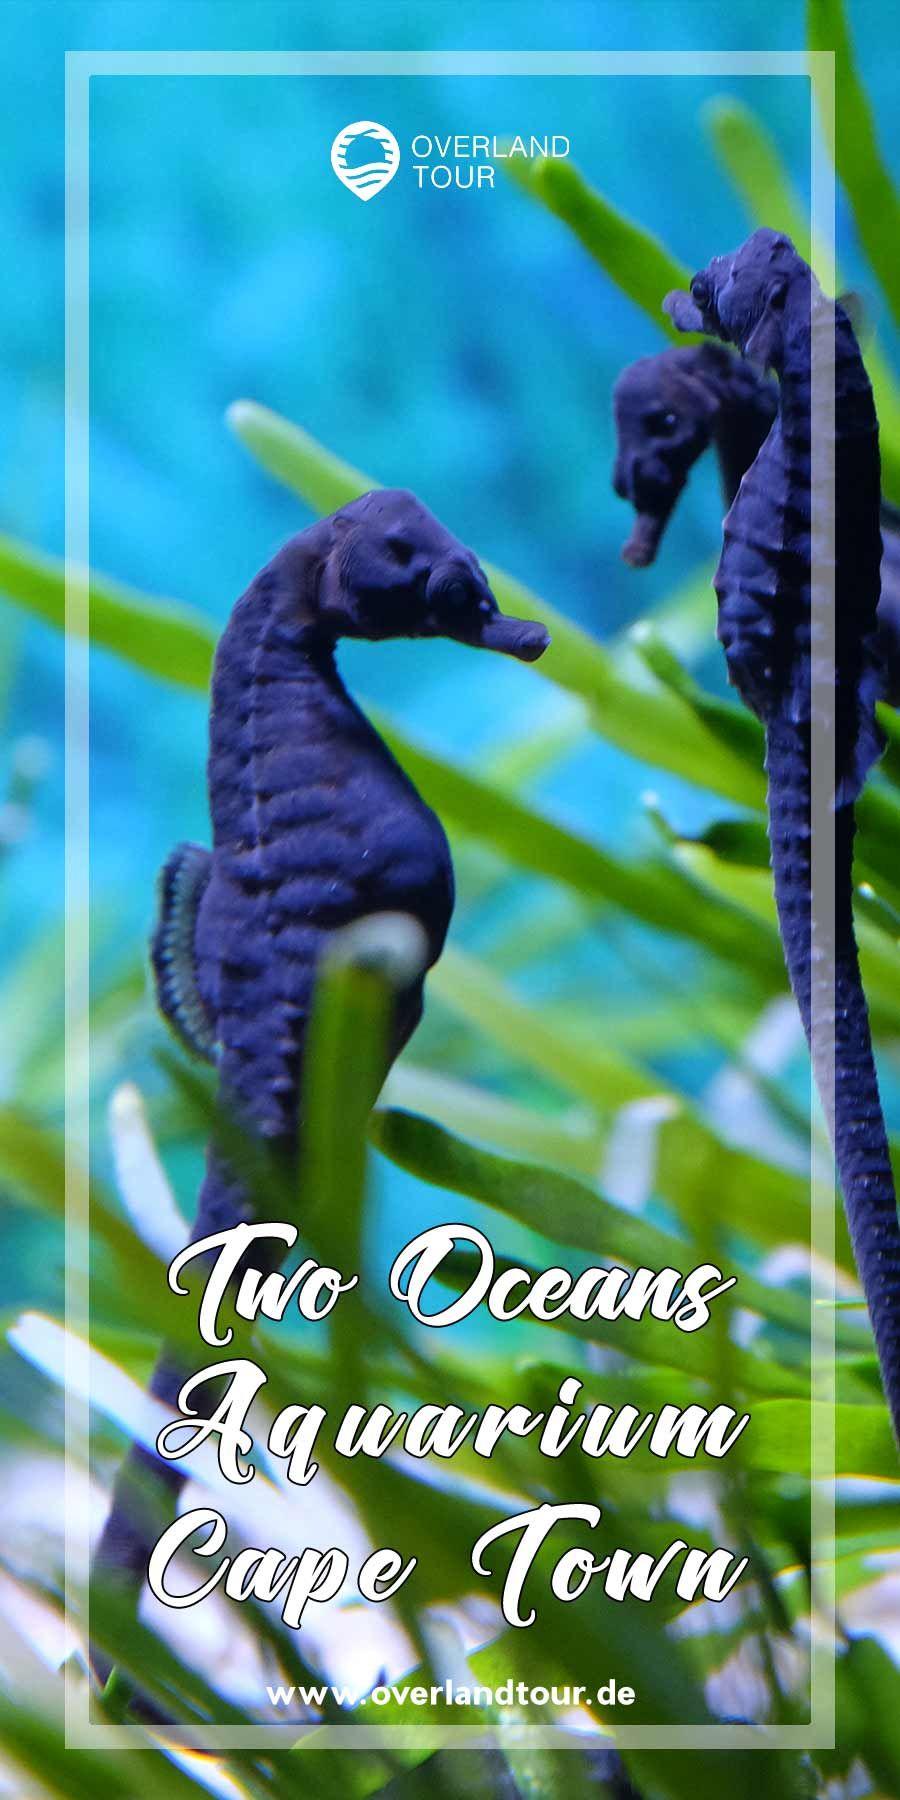 🐟 Two Oceans Aquarium Kapstadt Sehenswürdigkeit   Das Two Oceans Aquarium an der Waterfront in Kapstadt ist beeindruckt mit seinen vielen exotischen Fischen. Die Predator- Exhibit im Open Ocean Tank